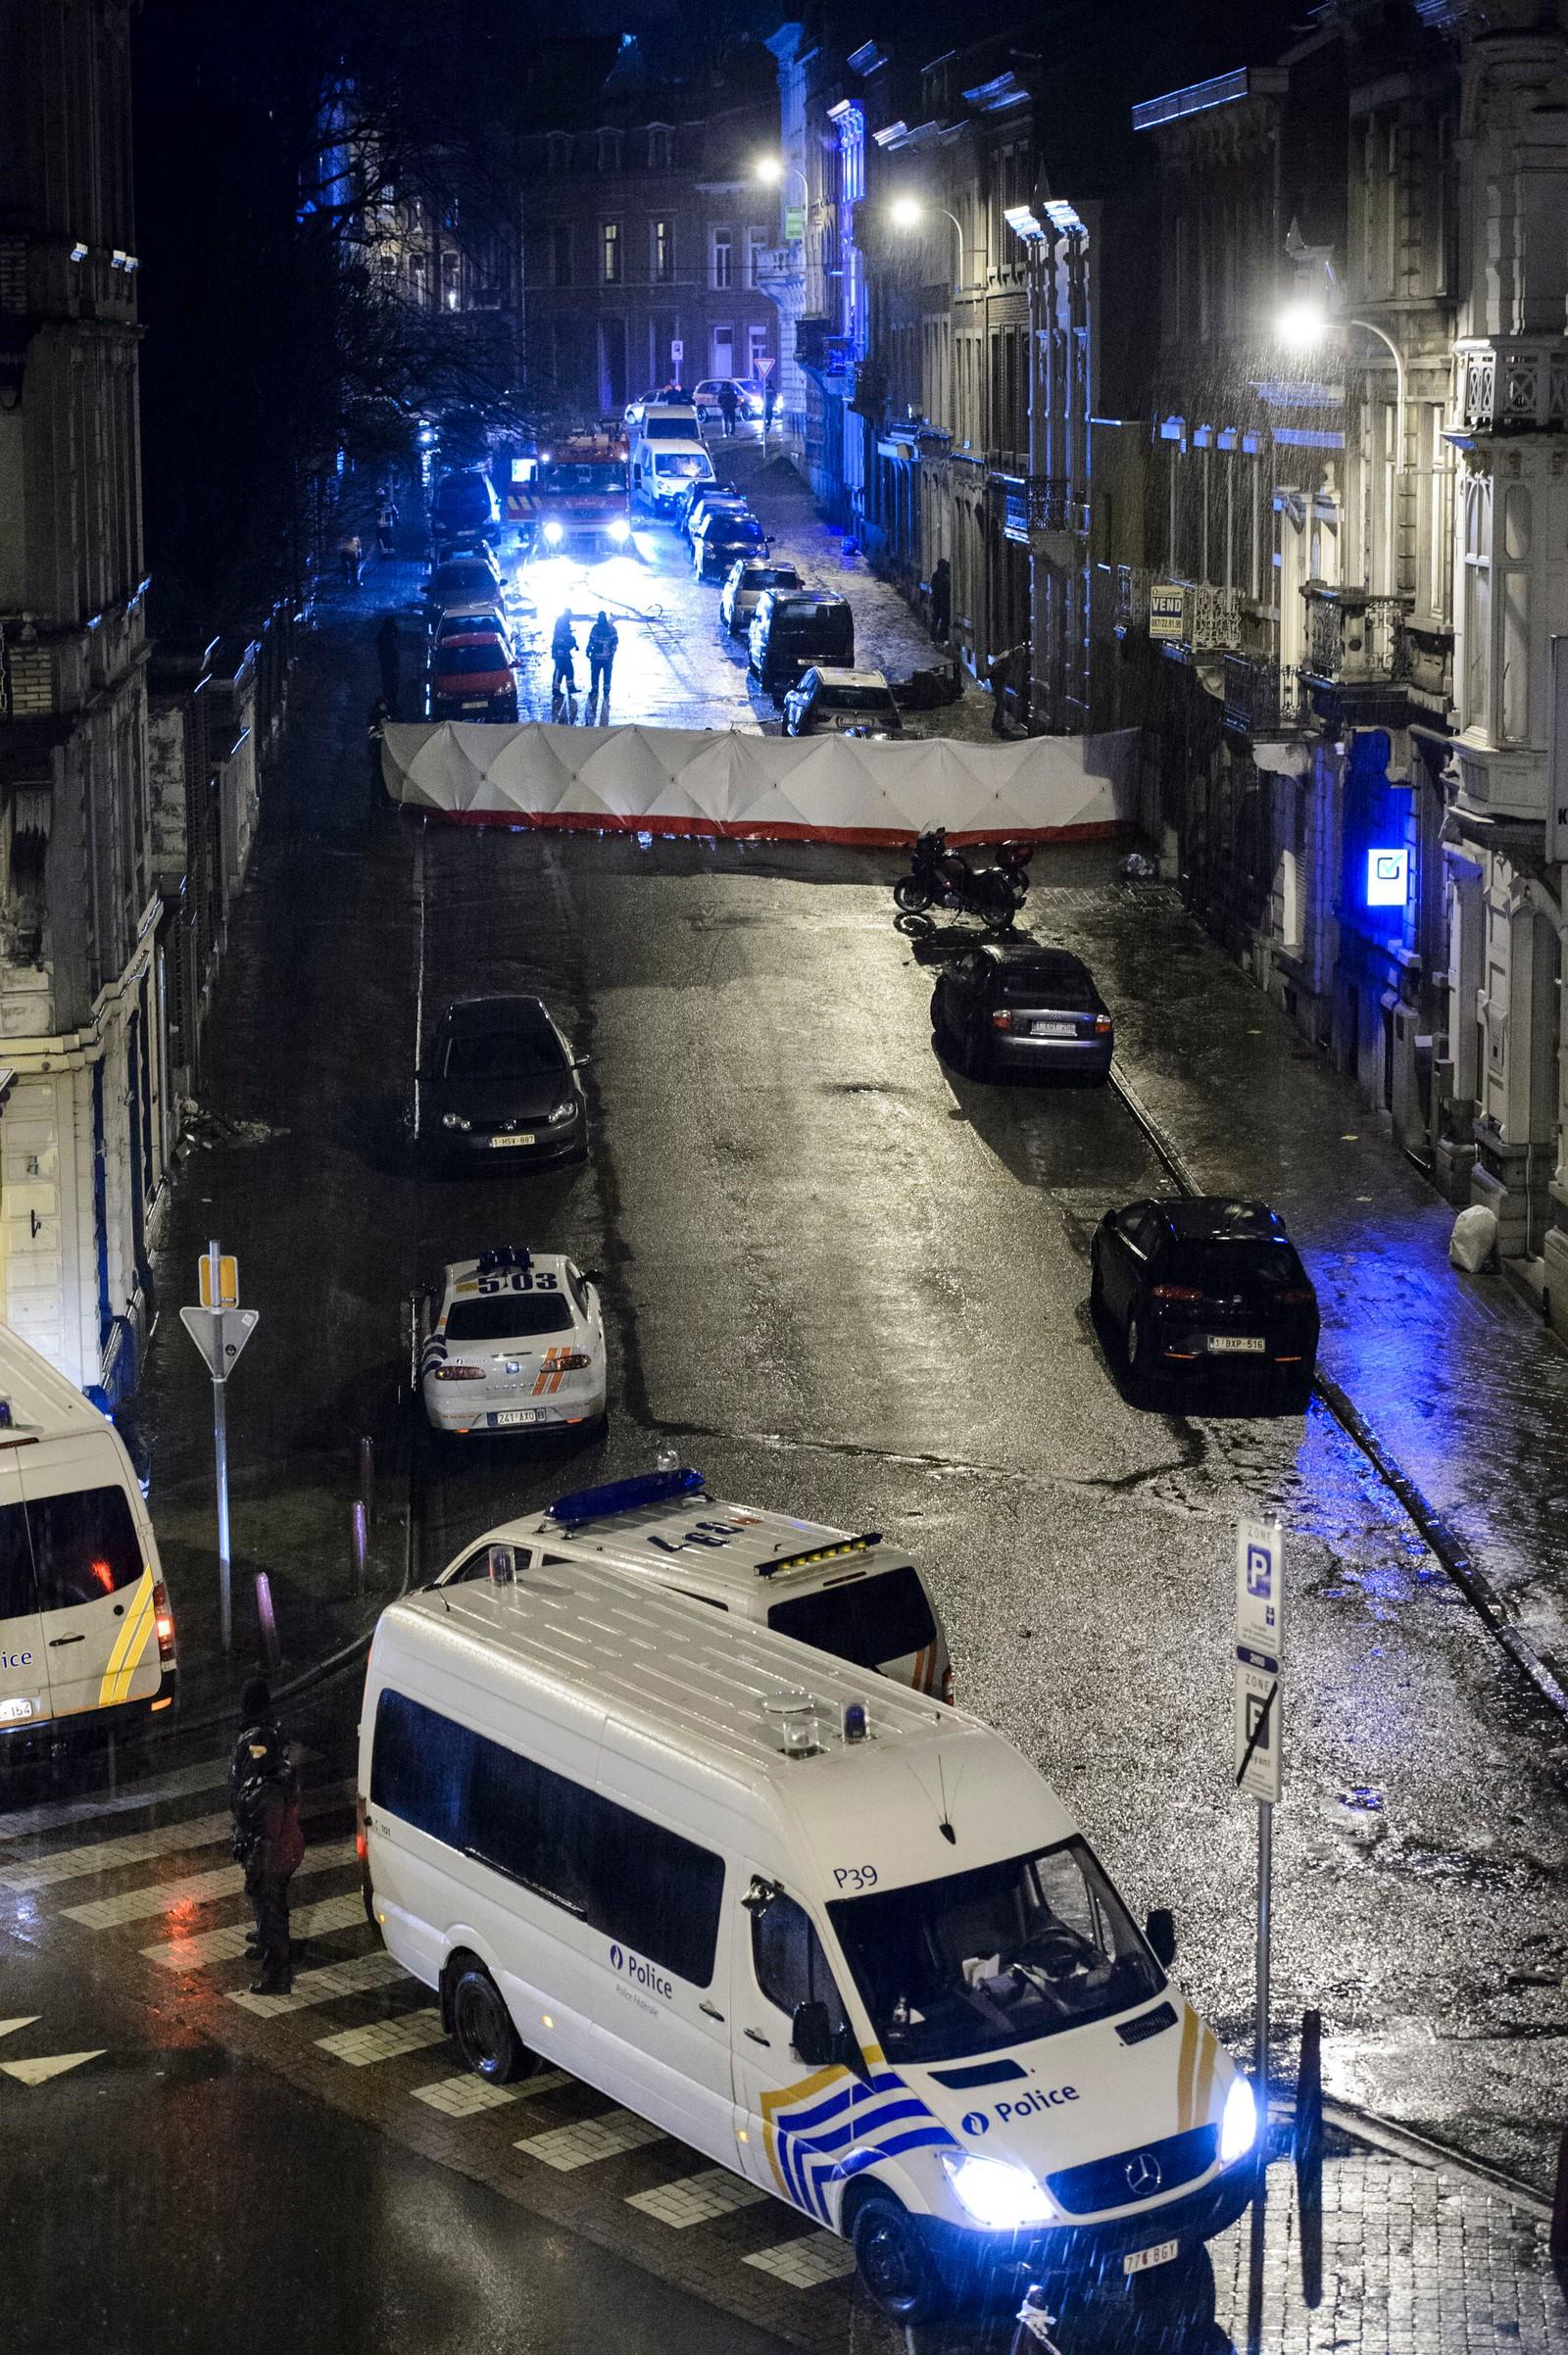 Alle de mistenkte er belgiske statsborgere, og politiaksjonen er et resultat av flere ukers etterforskning. Belgisk politi tror gruppen var i ferd med å iverksette terrorangrep i stor skala, opplyser statsadvokaten.